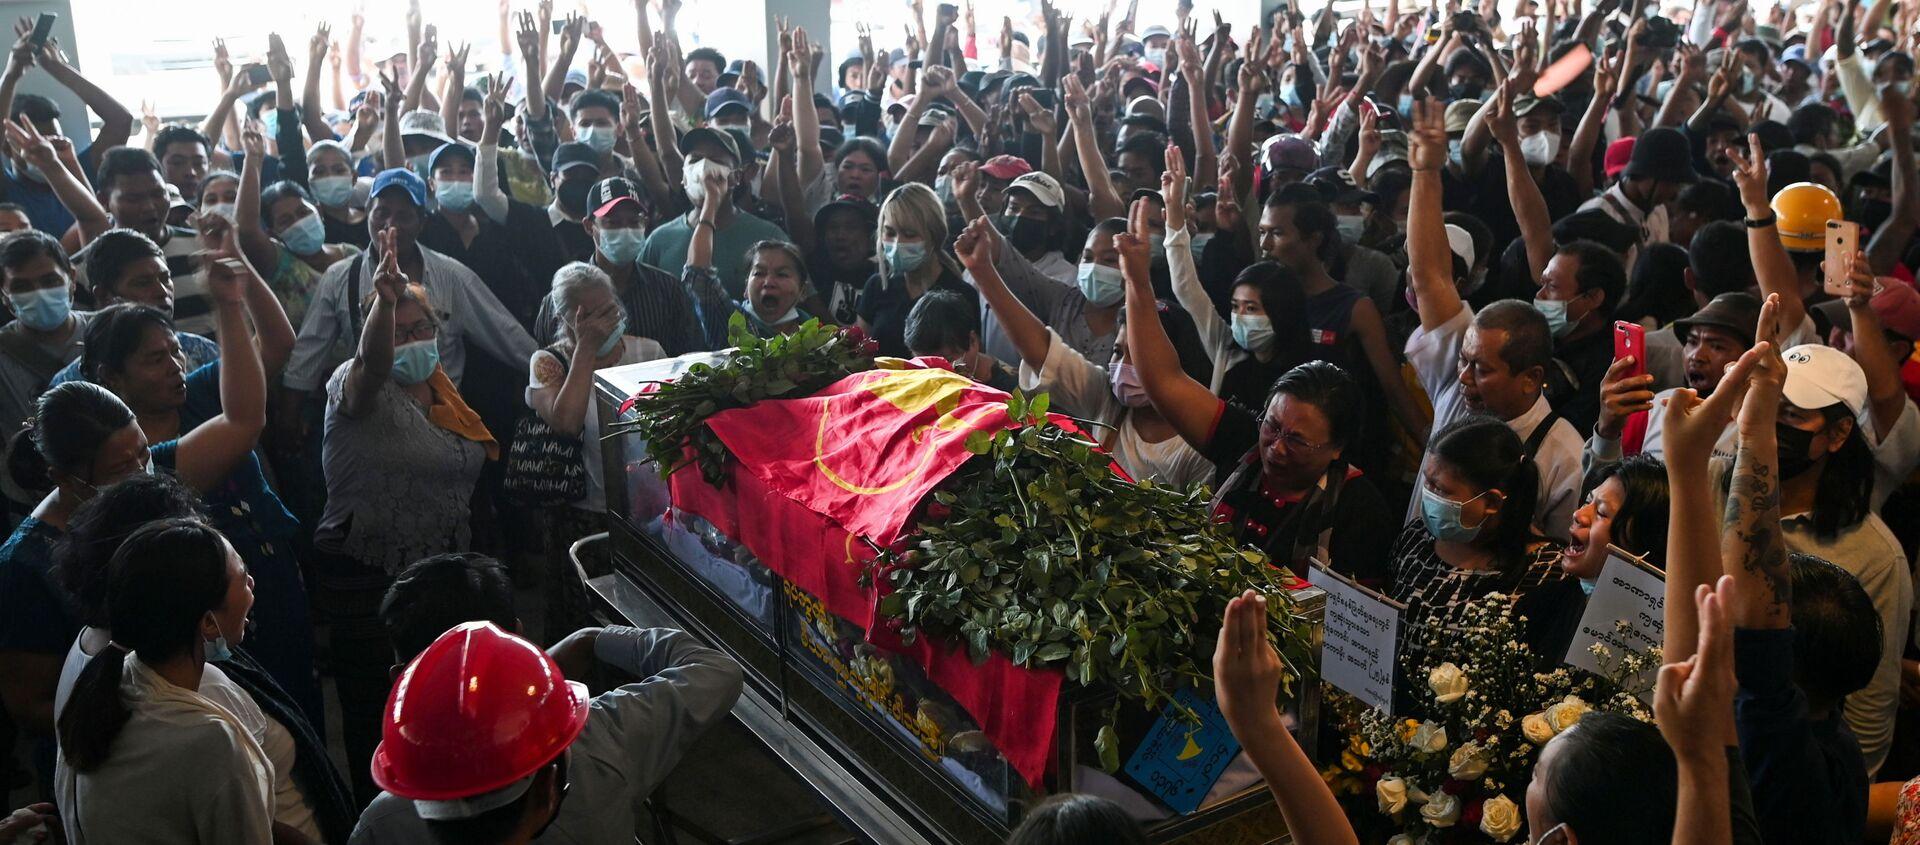 Darbe karşıtı protestolarda öldürülenlerden birinin cenaze töreni, Yangon, Myanmar - Sputnik Türkiye, 1920, 09.04.2021